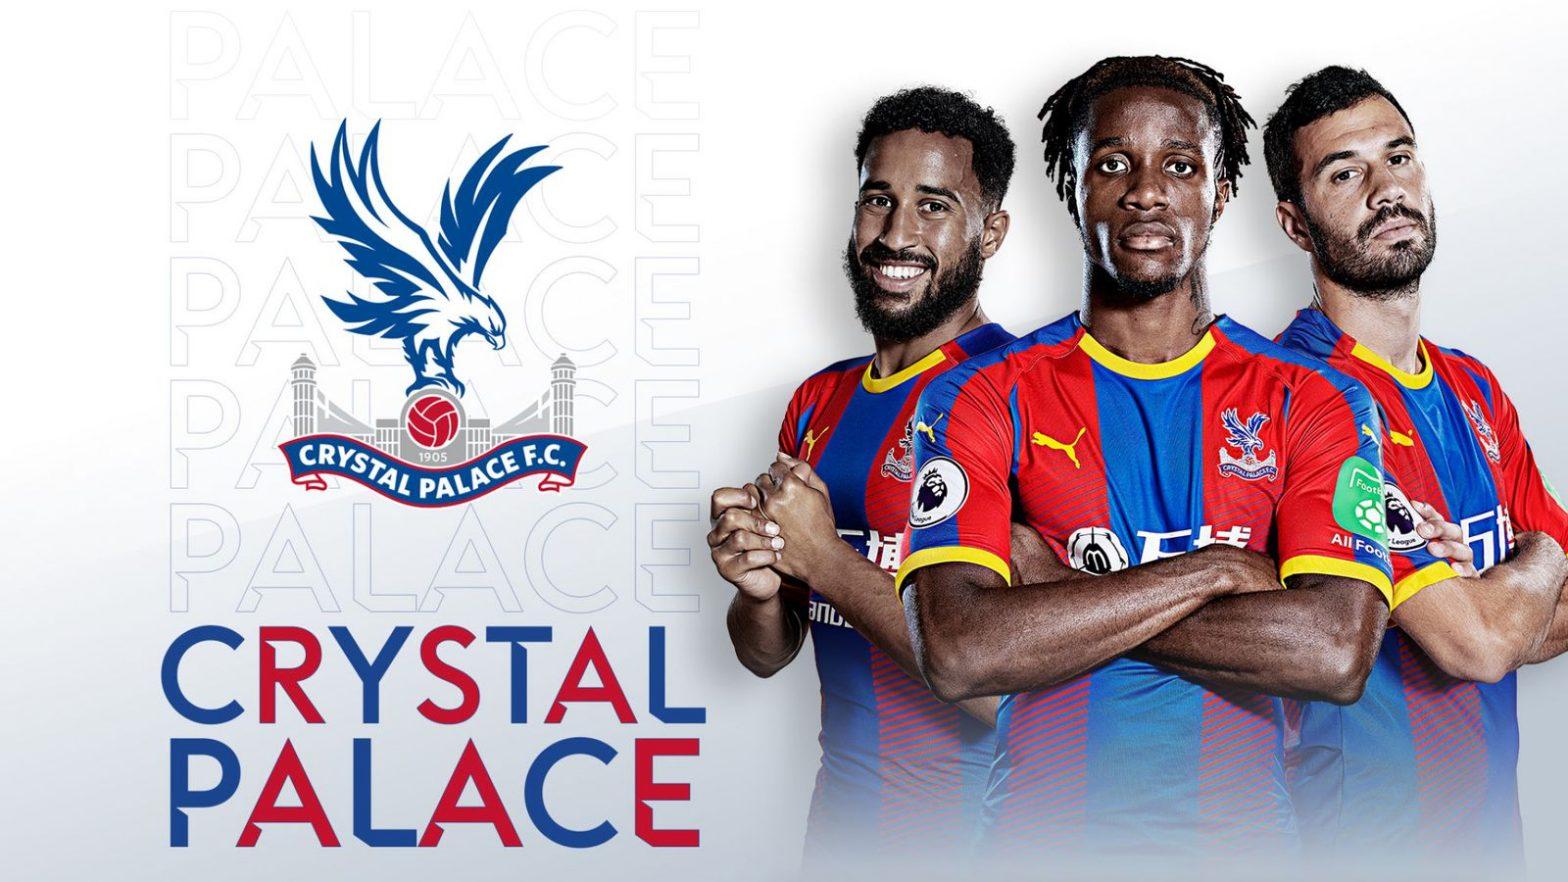 Crystal Palace fixtures 2019/20